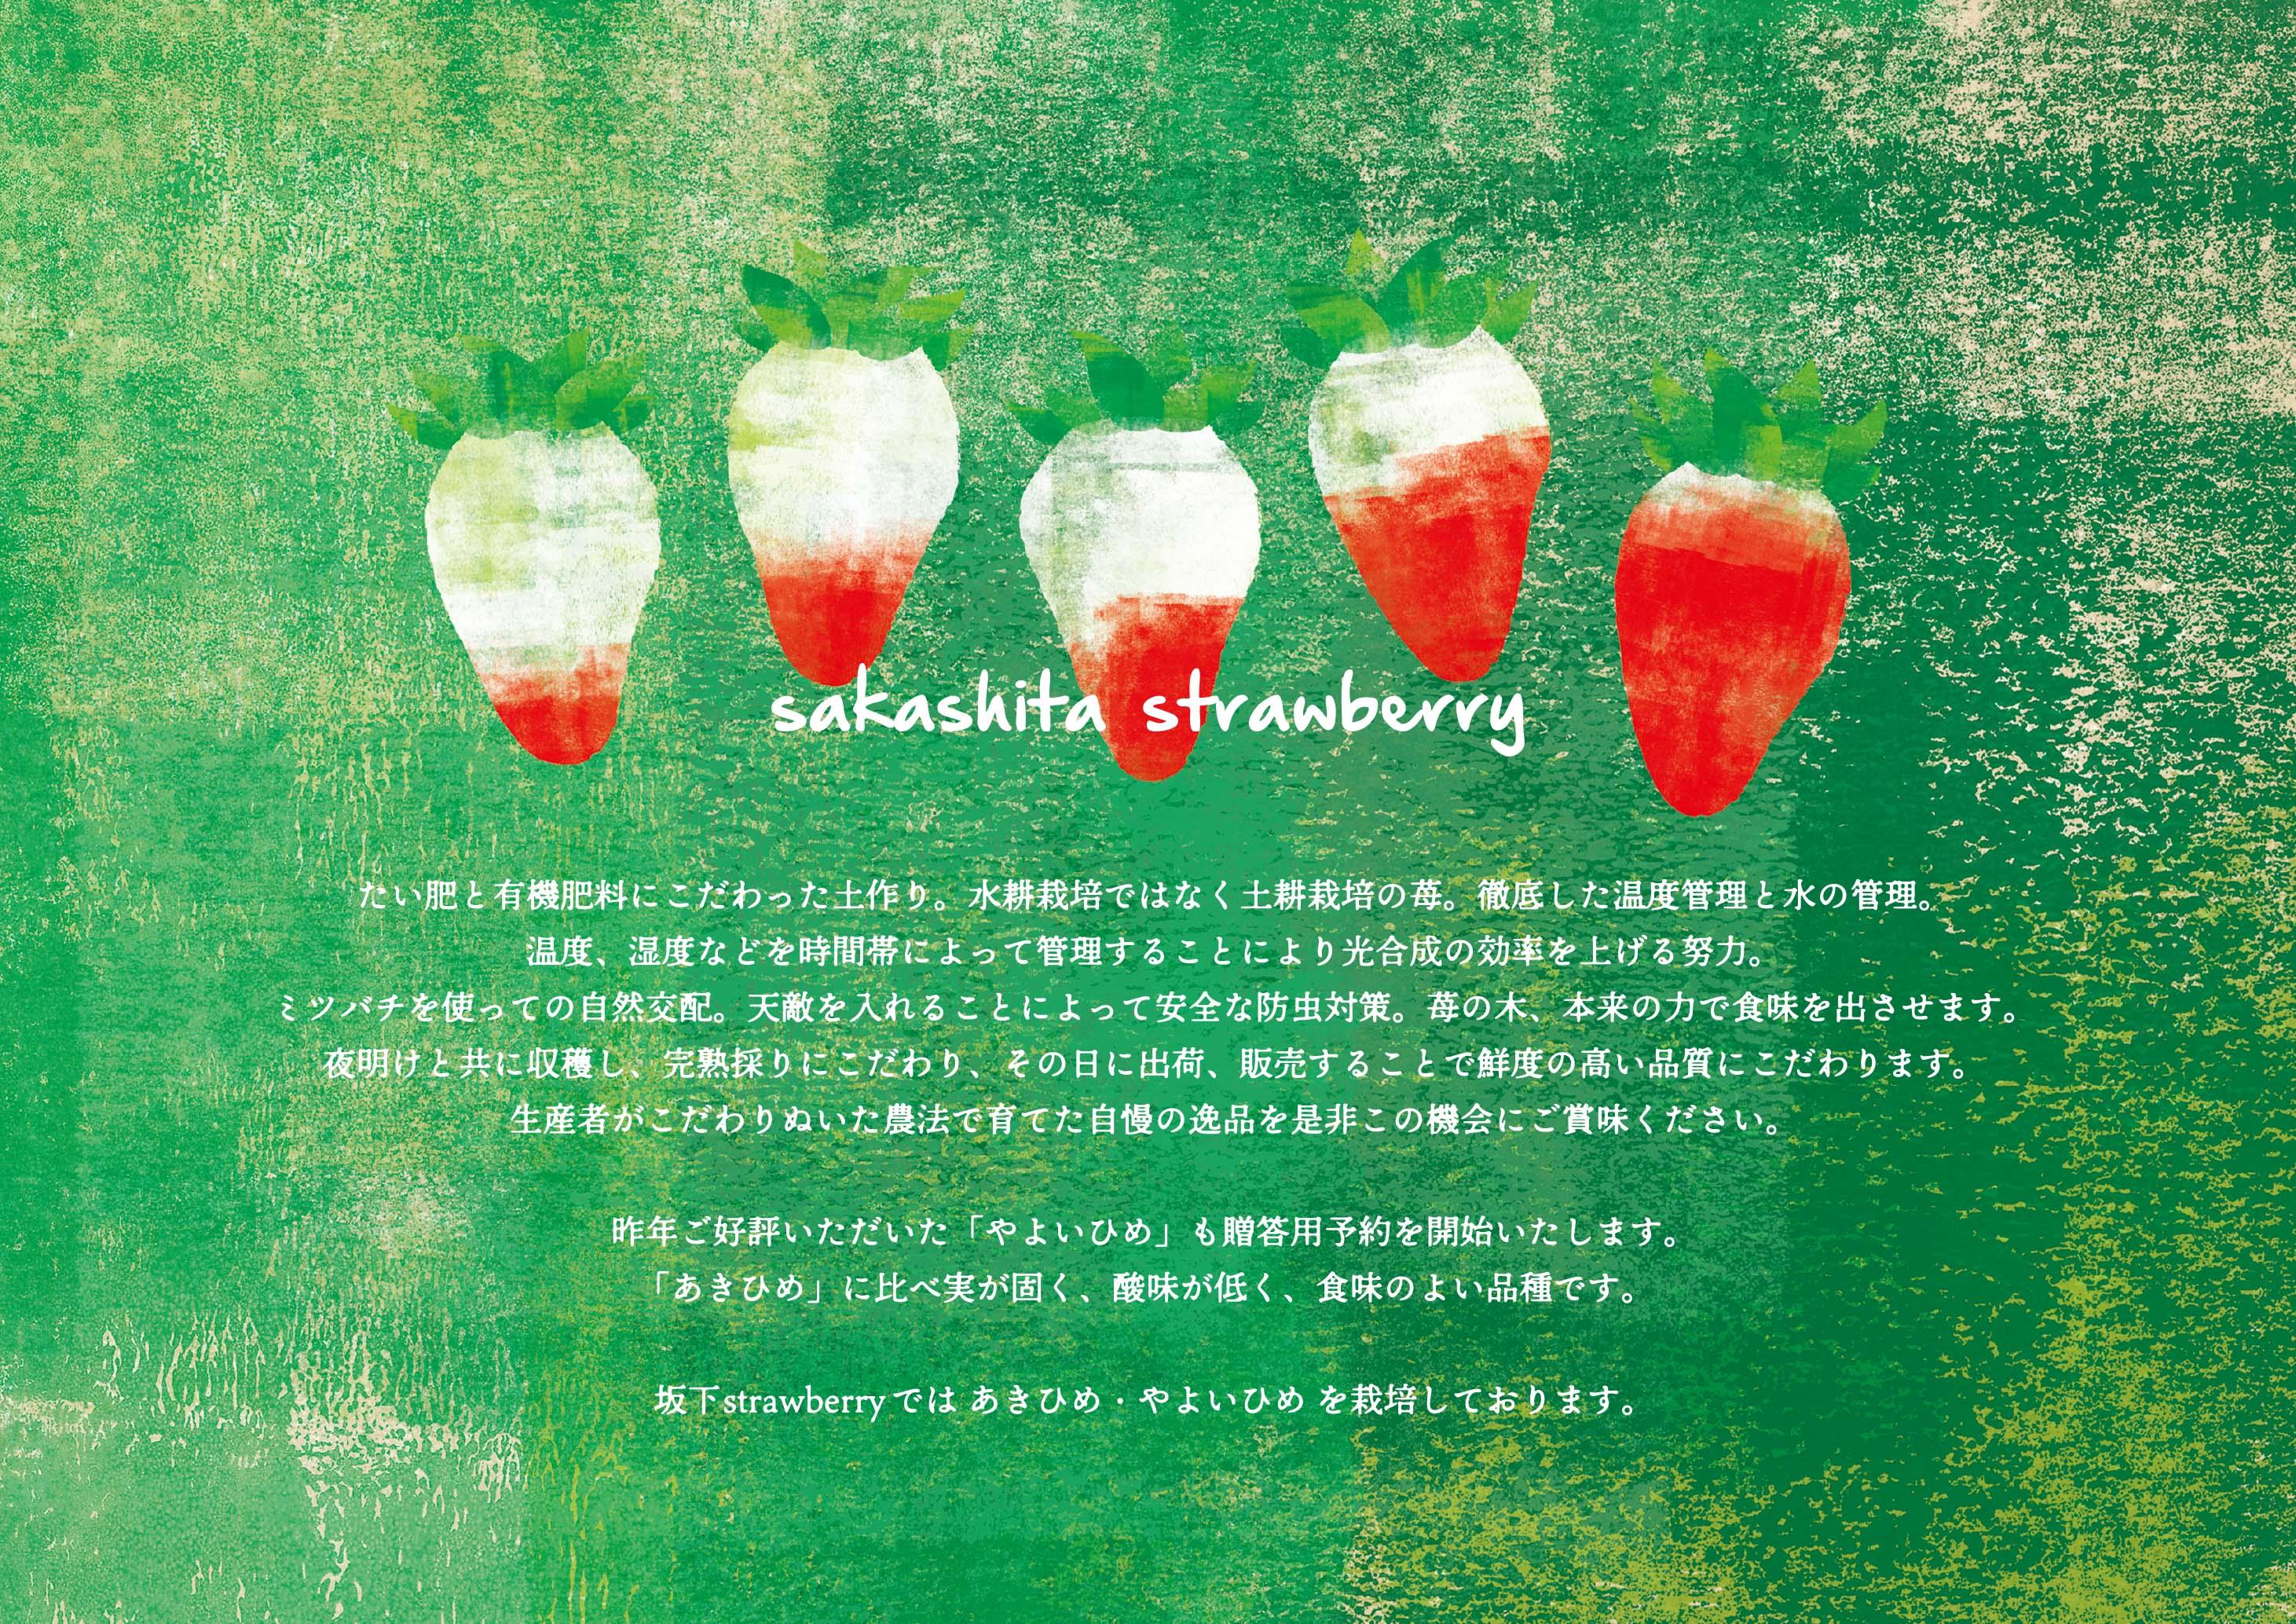 2020年度 坂下strawberry 11月中旬から予約受付スタート